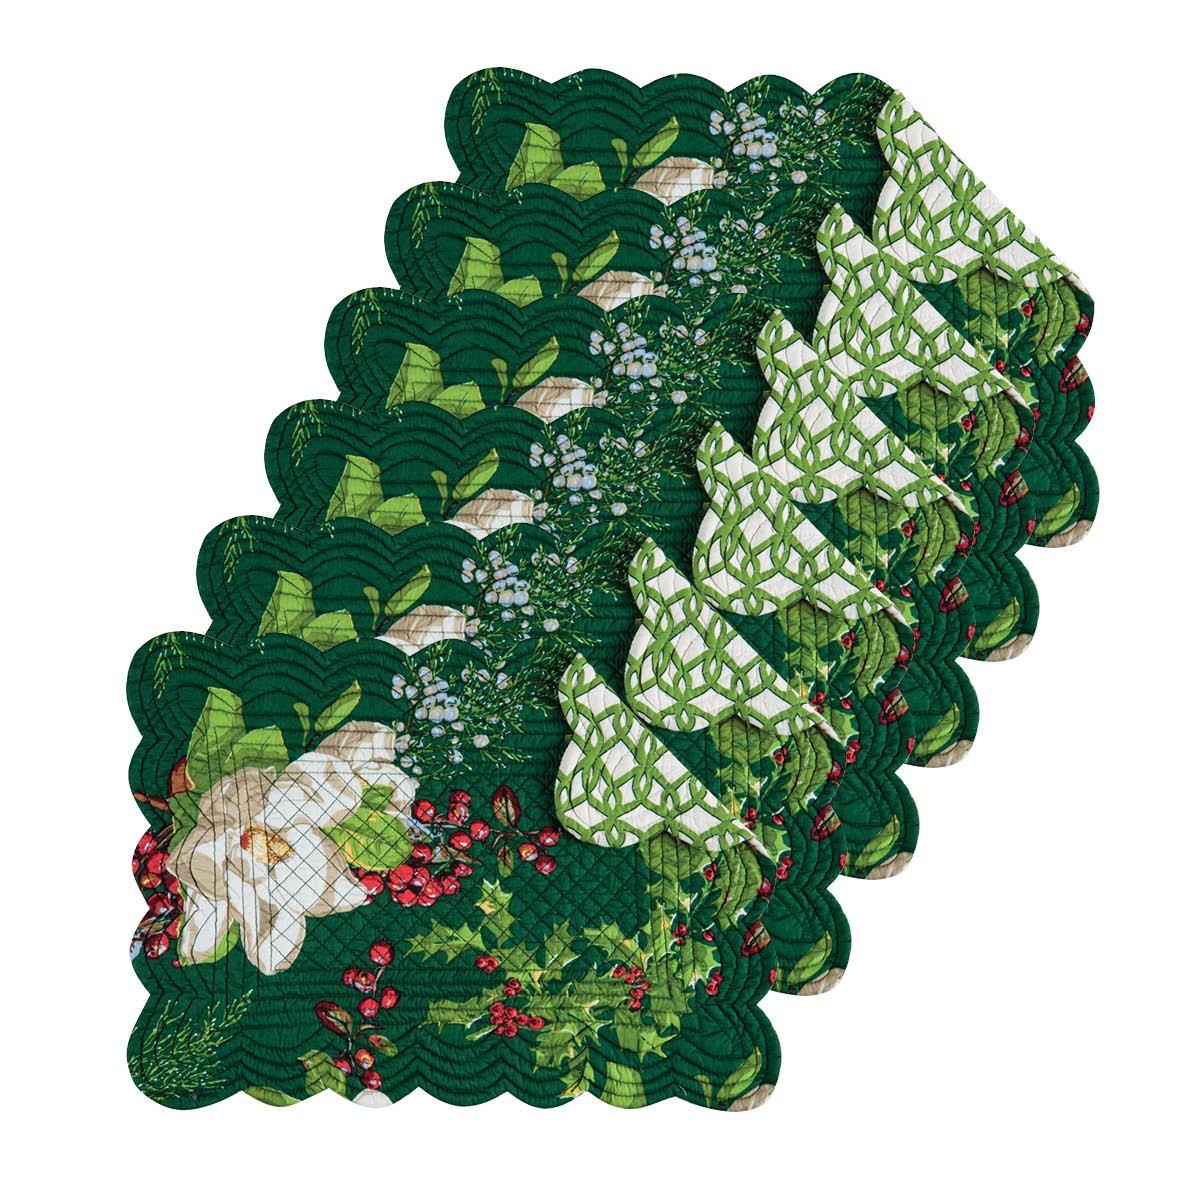 【超特価SALE開催!】 Bella Magnolia Magnolia Tabletop親 Rectangular Placemat Set of Set 6 グリーン B0762PBDCP 862622340S6 Rectangular Placemat Set of 6 B0762PBDCP, ナカハラク:e48fac15 --- a0267596.xsph.ru